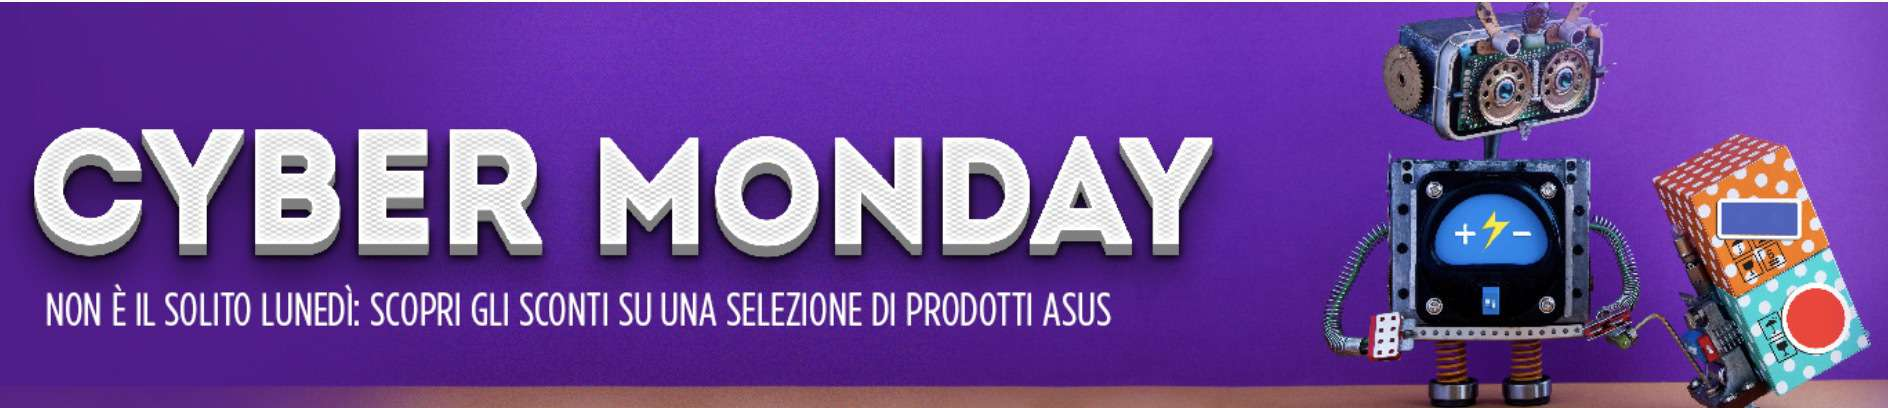 Partito il Cyber Monday sul sito Asus